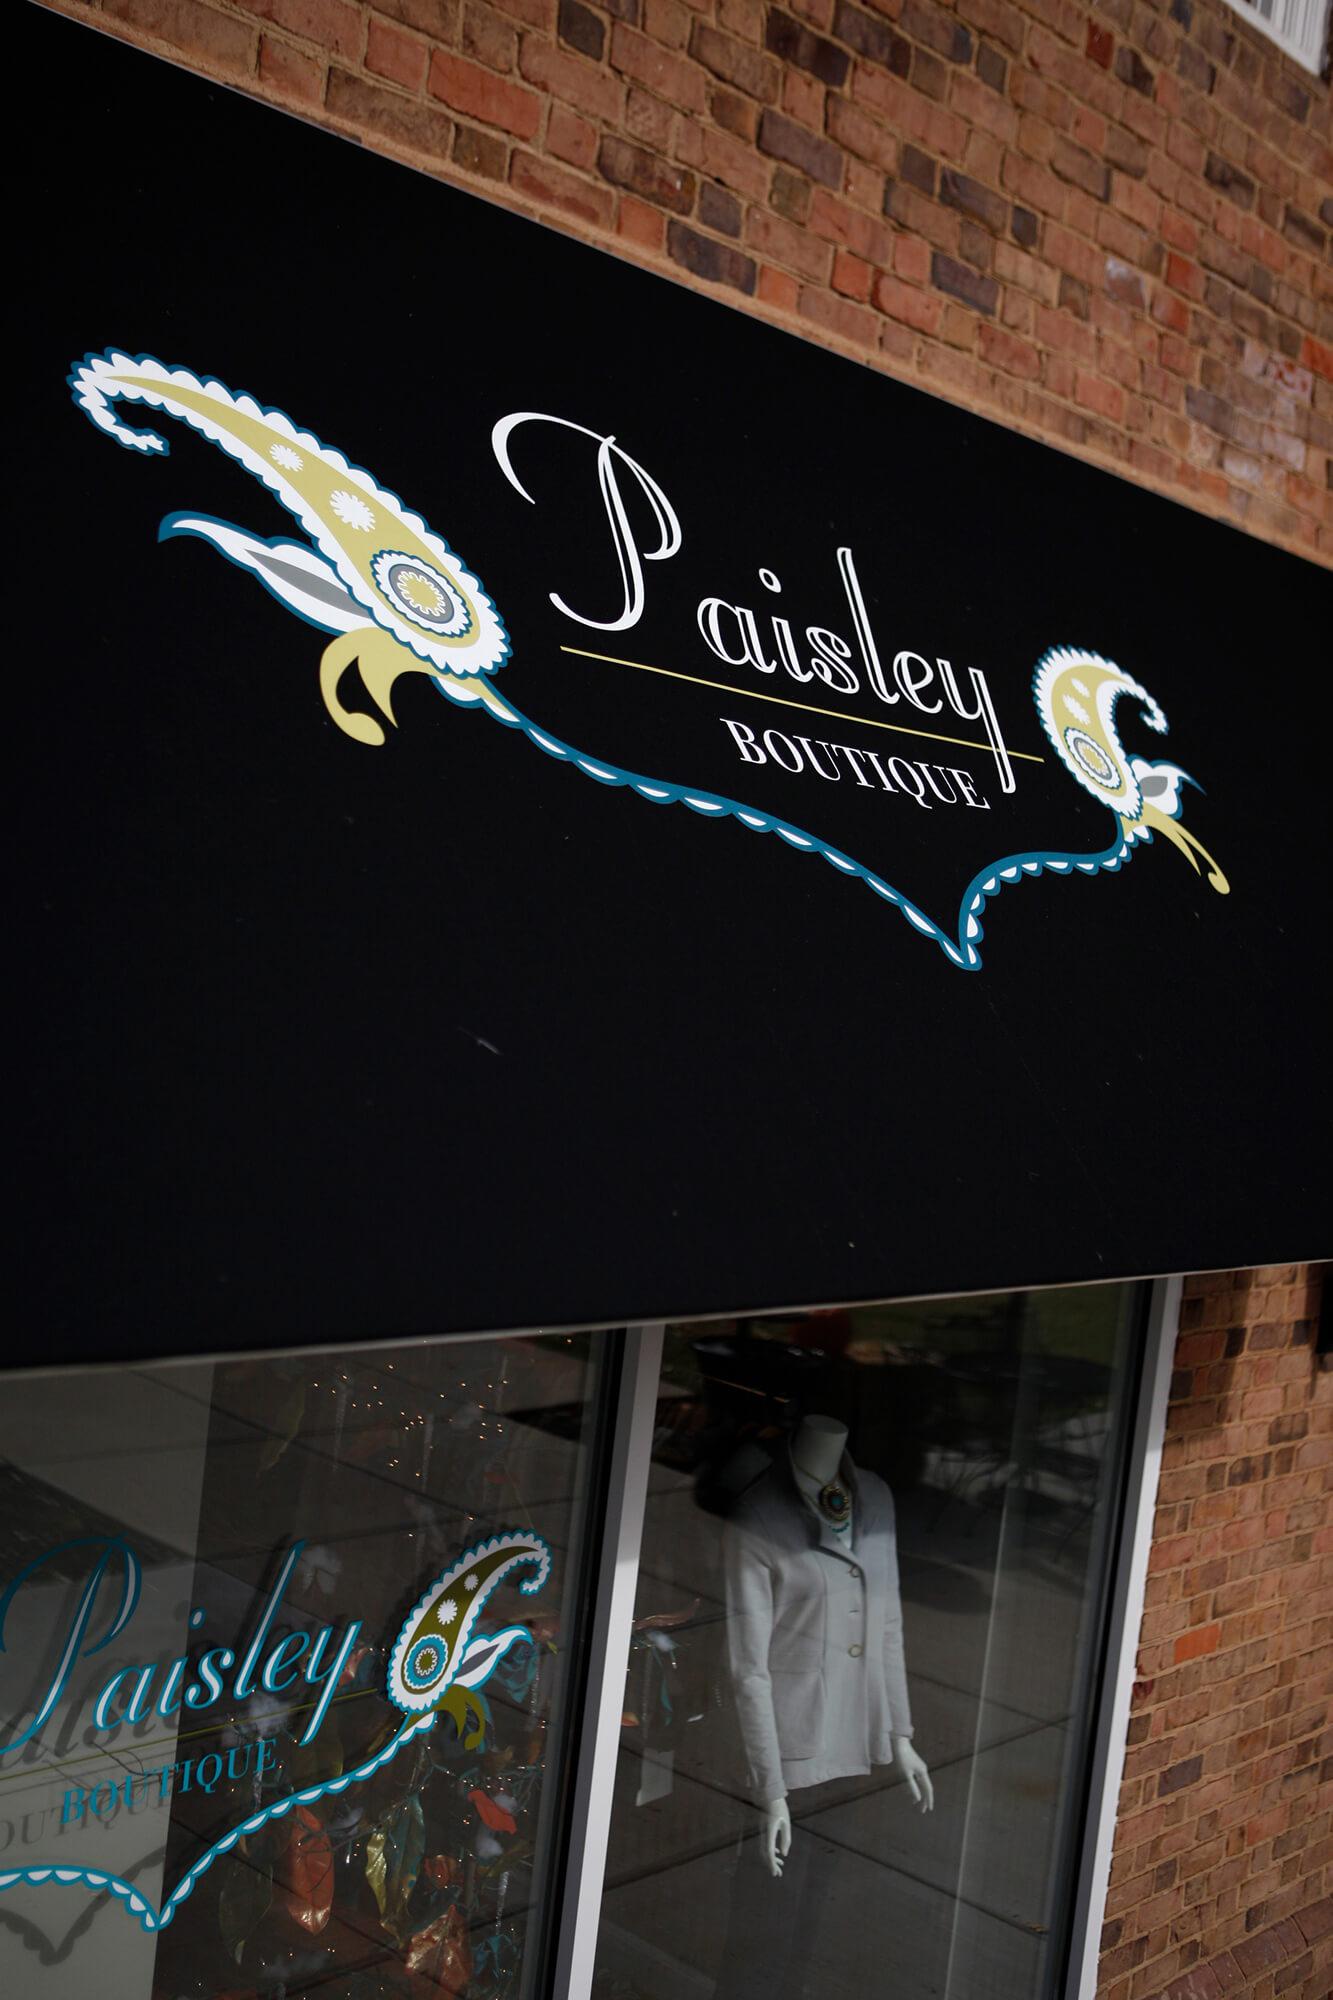 Uma boutique marca sua fachada com um toldo preto e sua assinatura